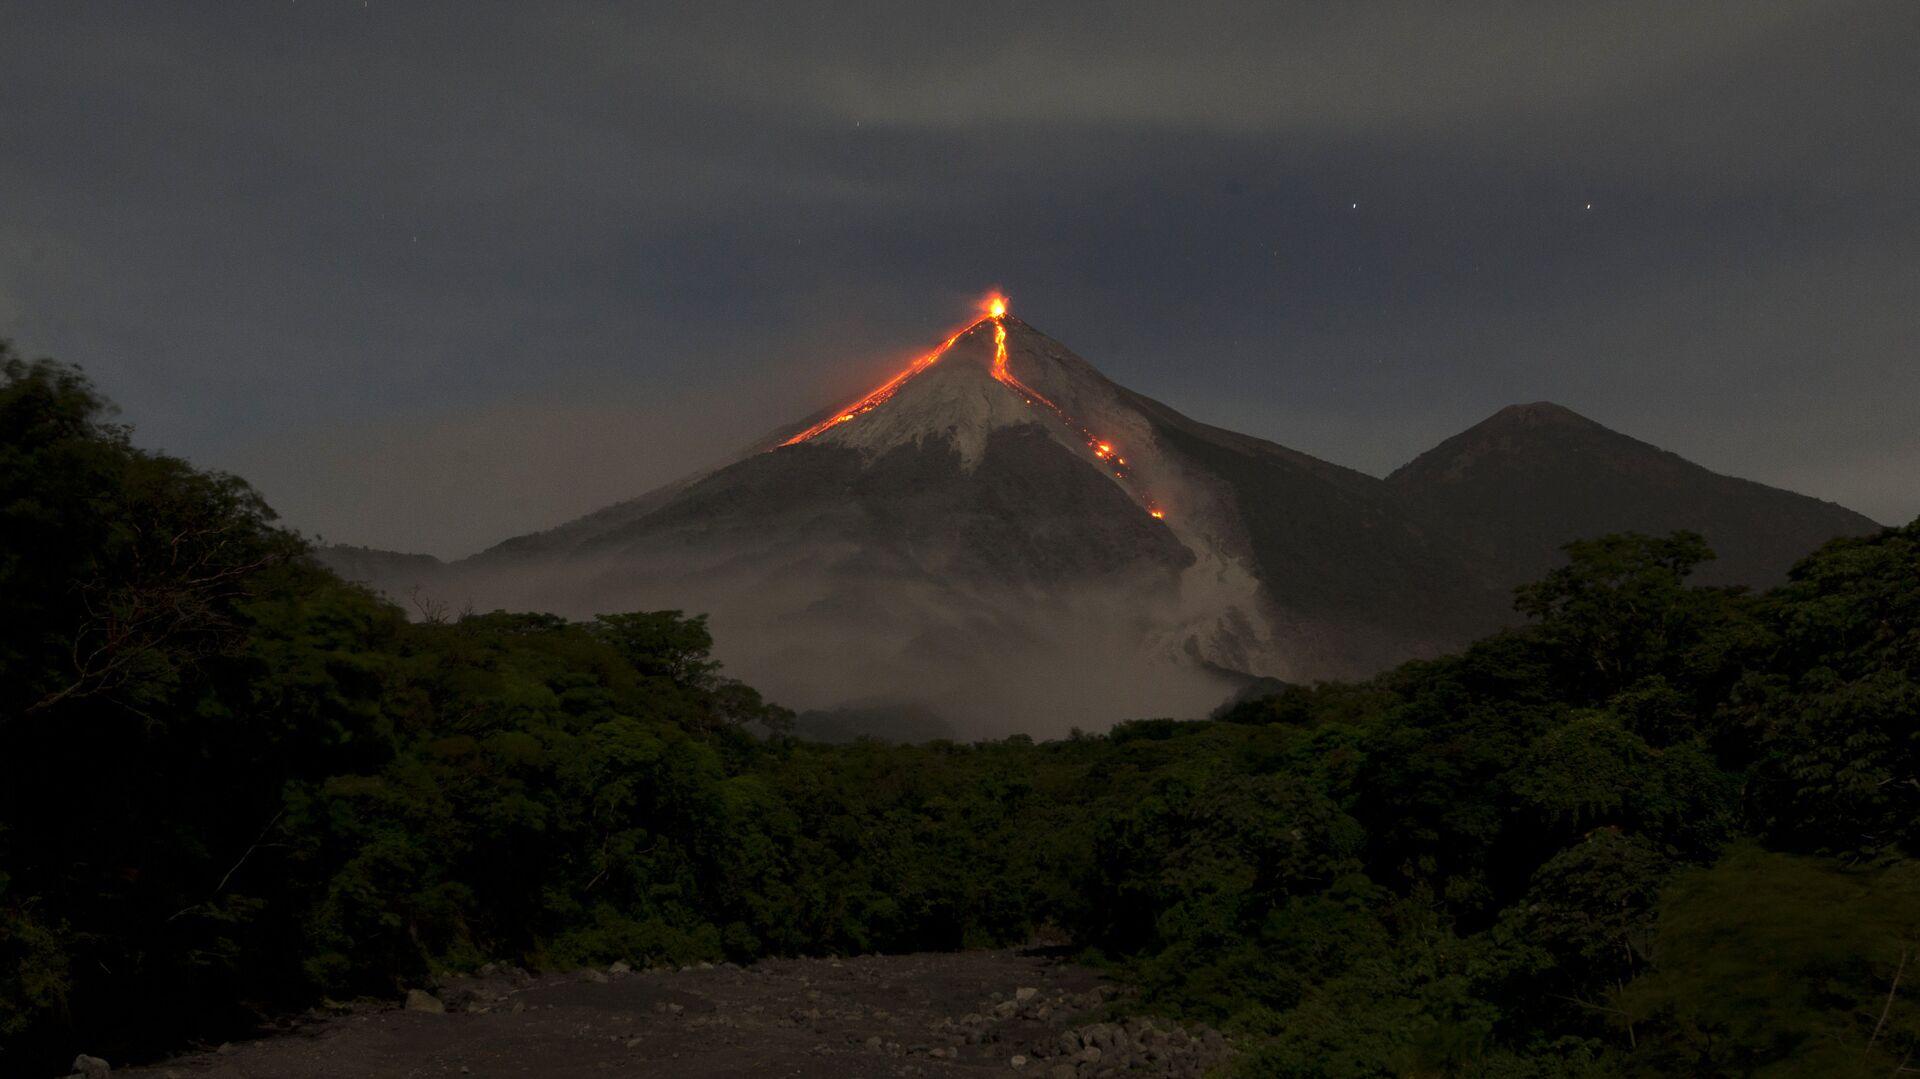 El volcán de Fuego en Guatemala - Sputnik Mundo, 1920, 25.09.2021